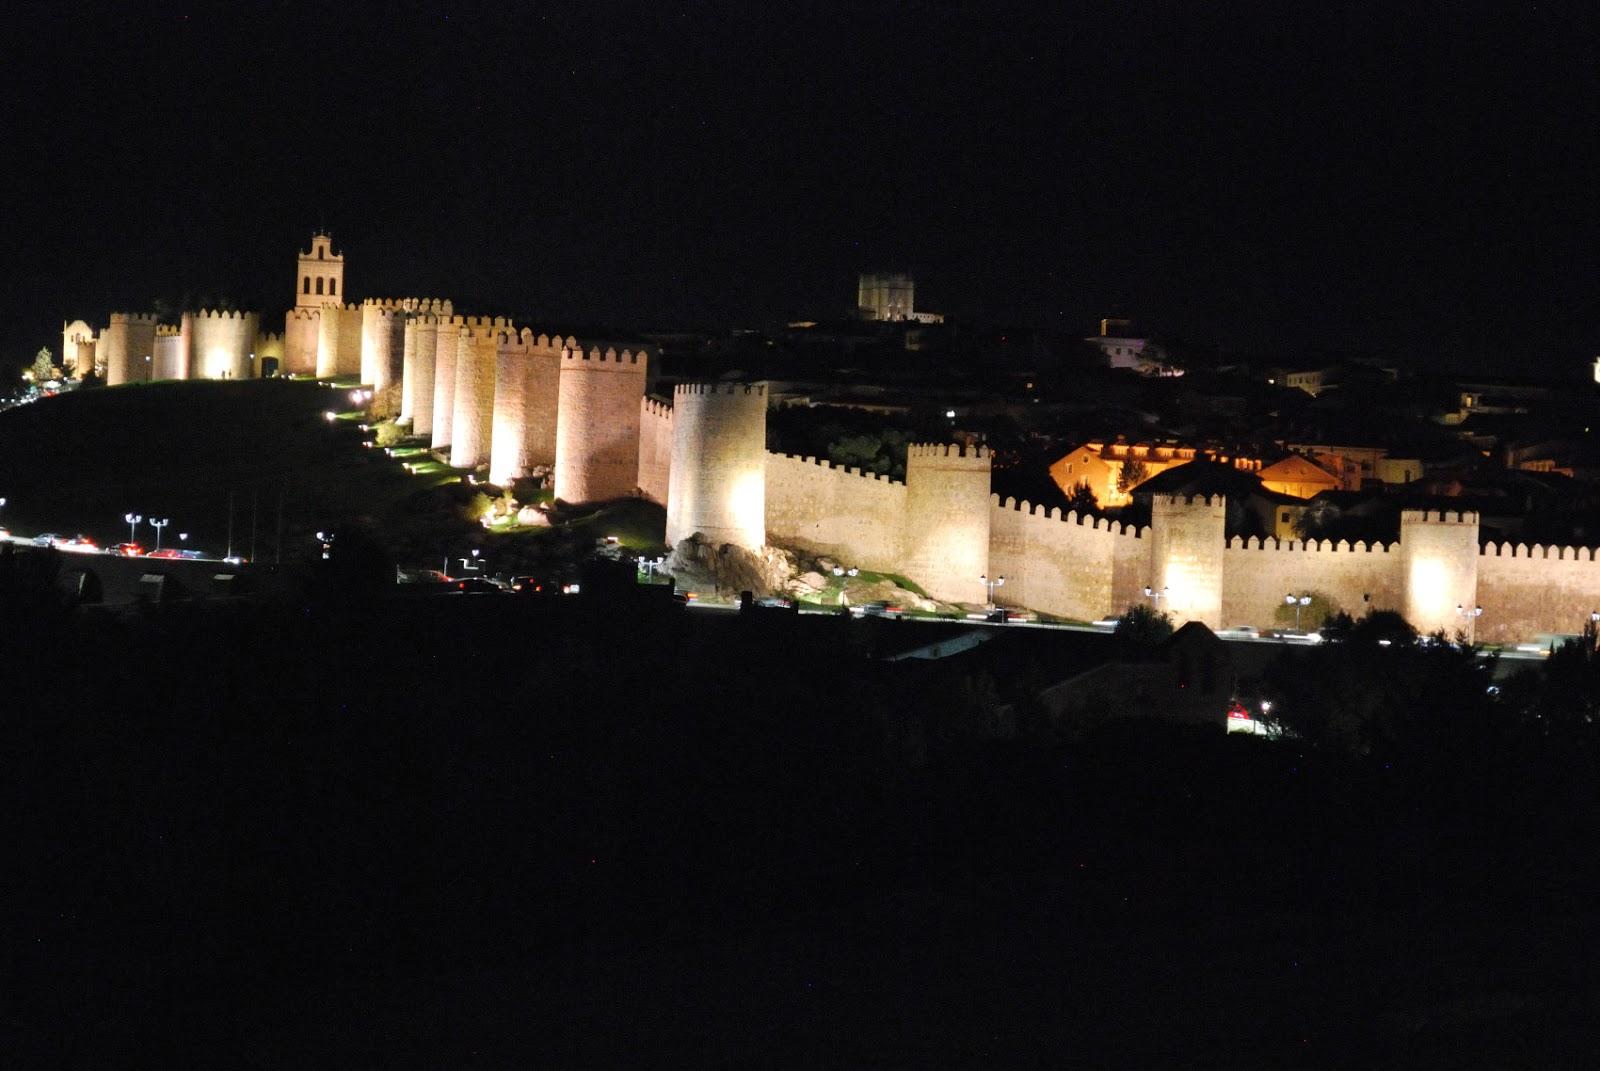 muralla avila city wall nocturno